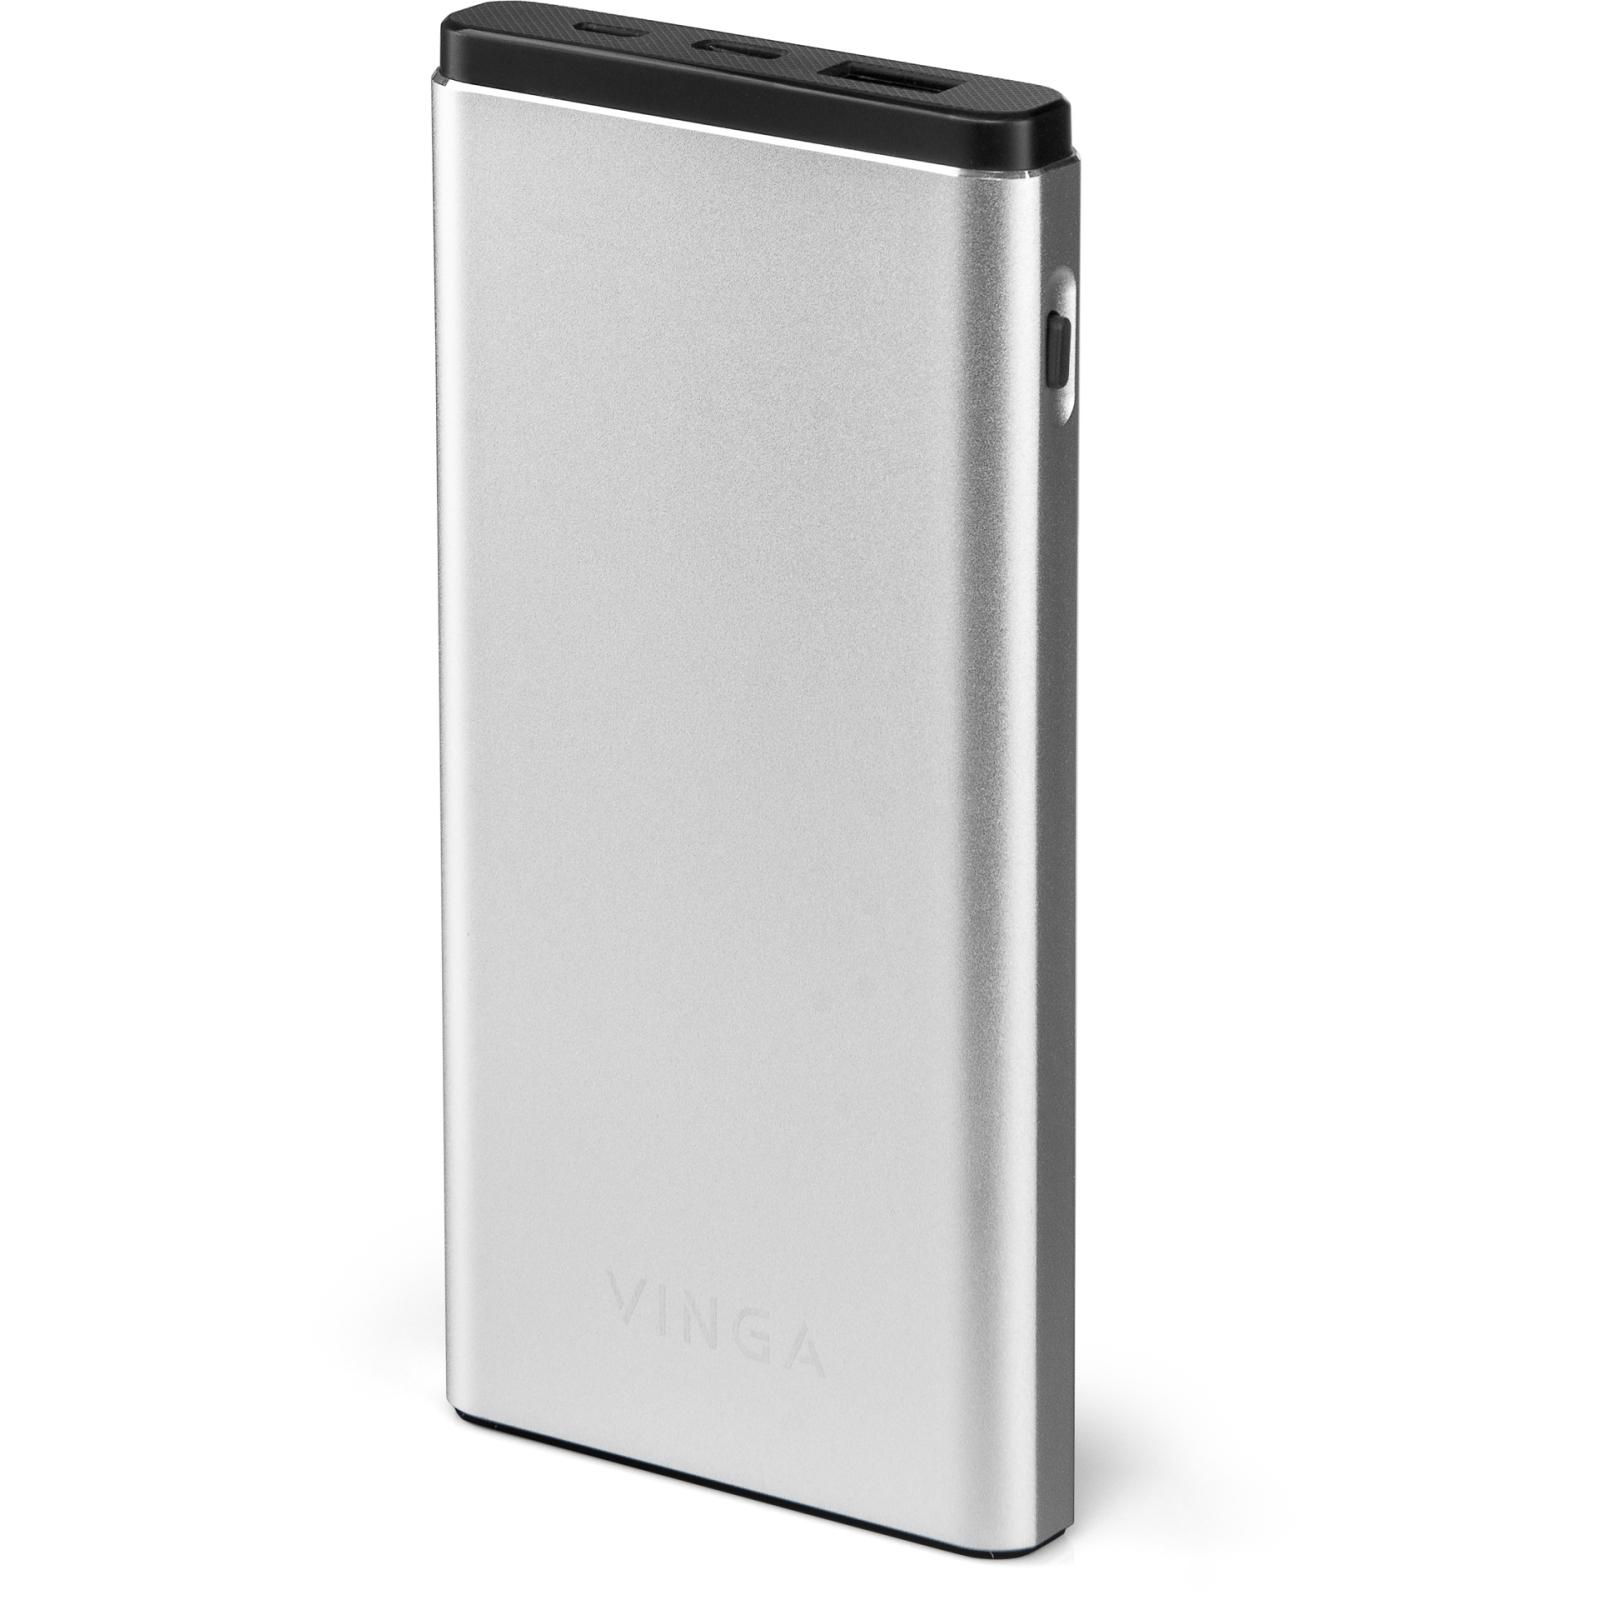 Батарея универсальная Vinga 10000 mAh QC3.0 PD aluminium silver (BTPB1010QCALS)